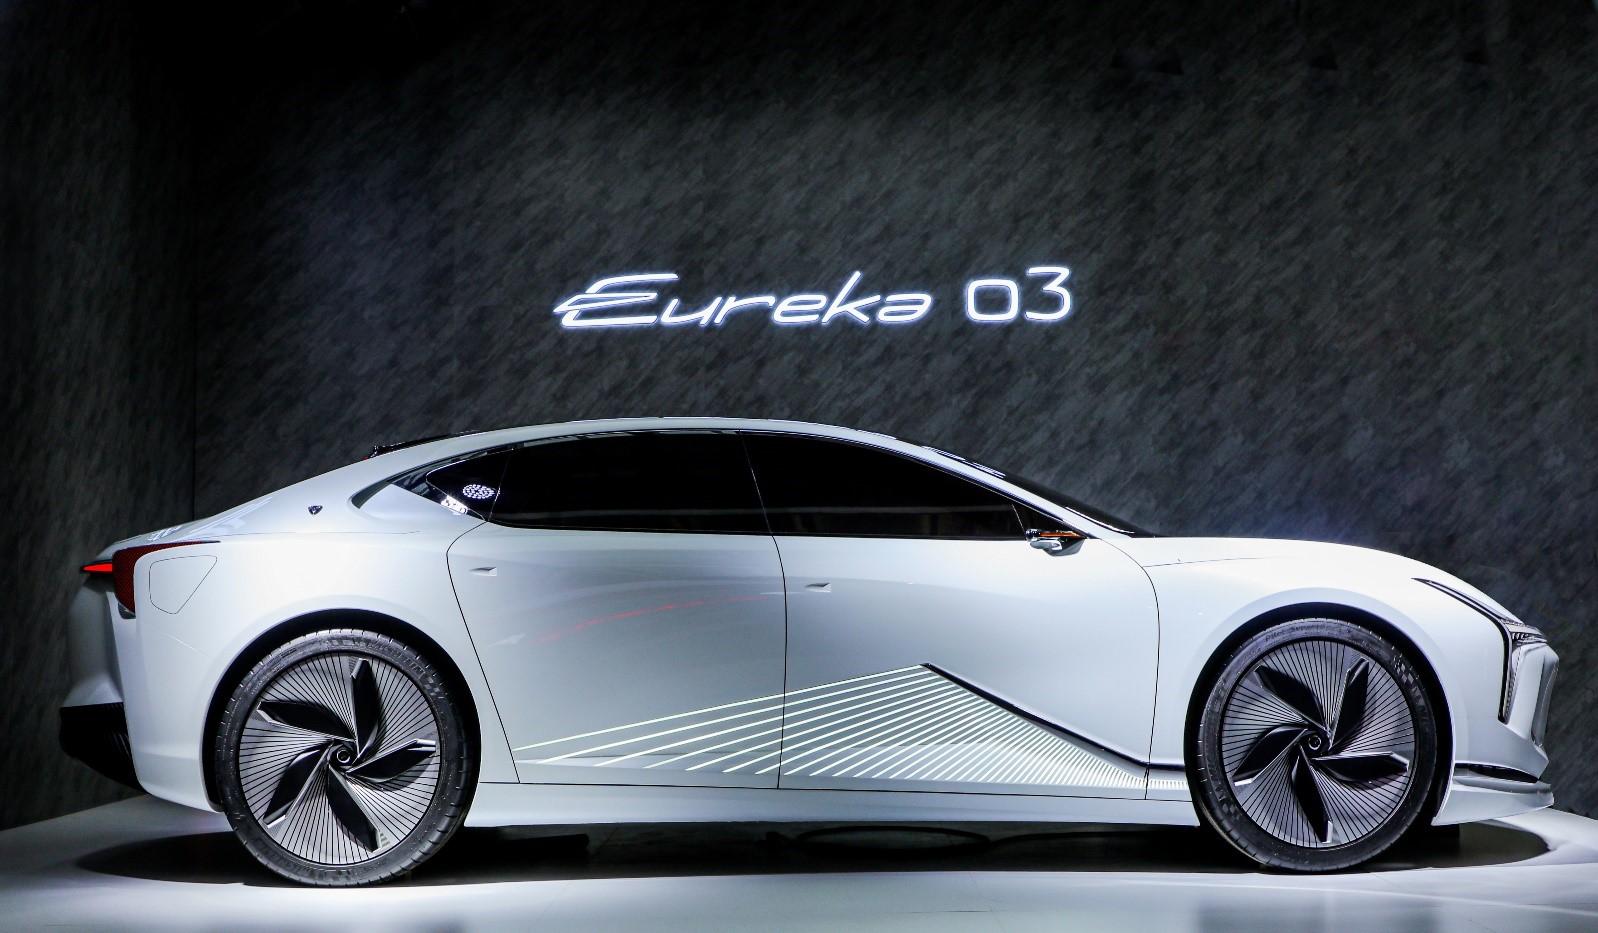 哪吒Eureka 03新消息 有望2021年亮相/2022年底上市